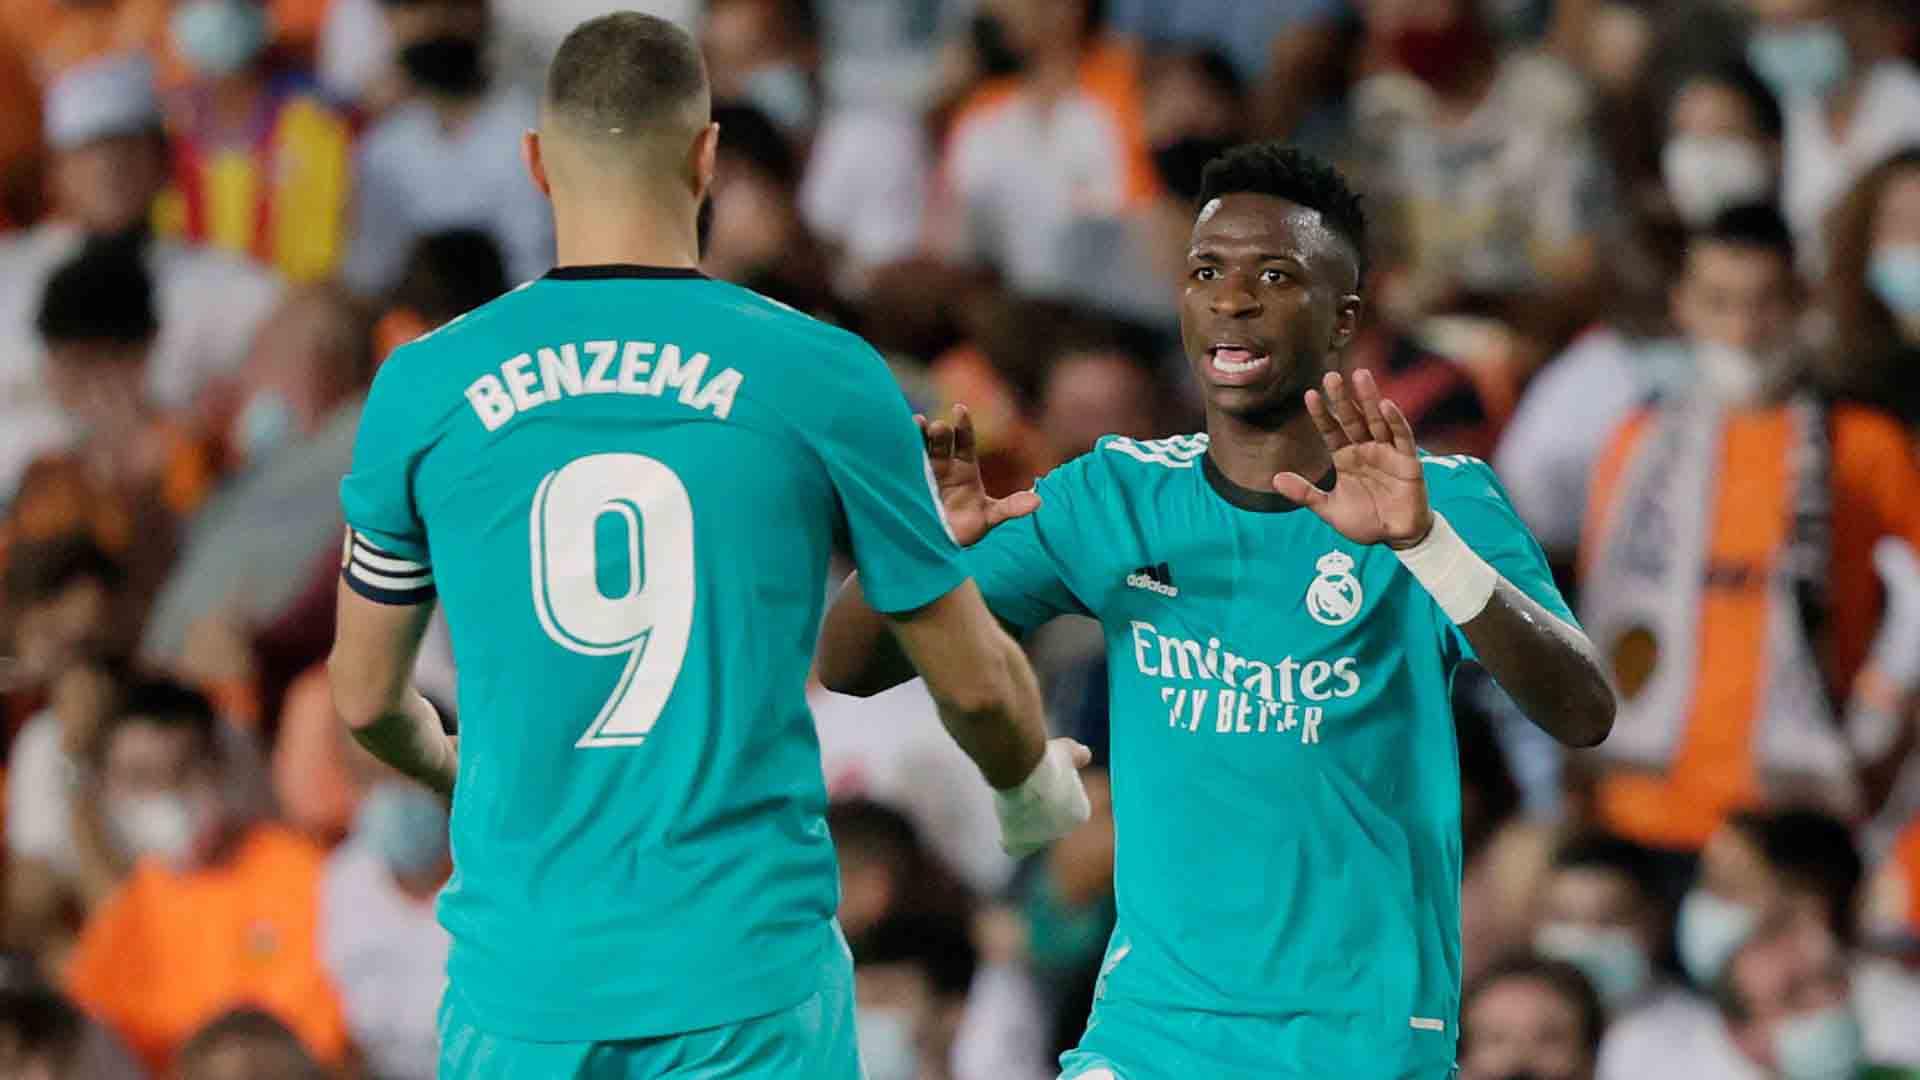 Valencia - Real Madrid (1-2), LaLiga 2021.09.19 teljes mérkőzés